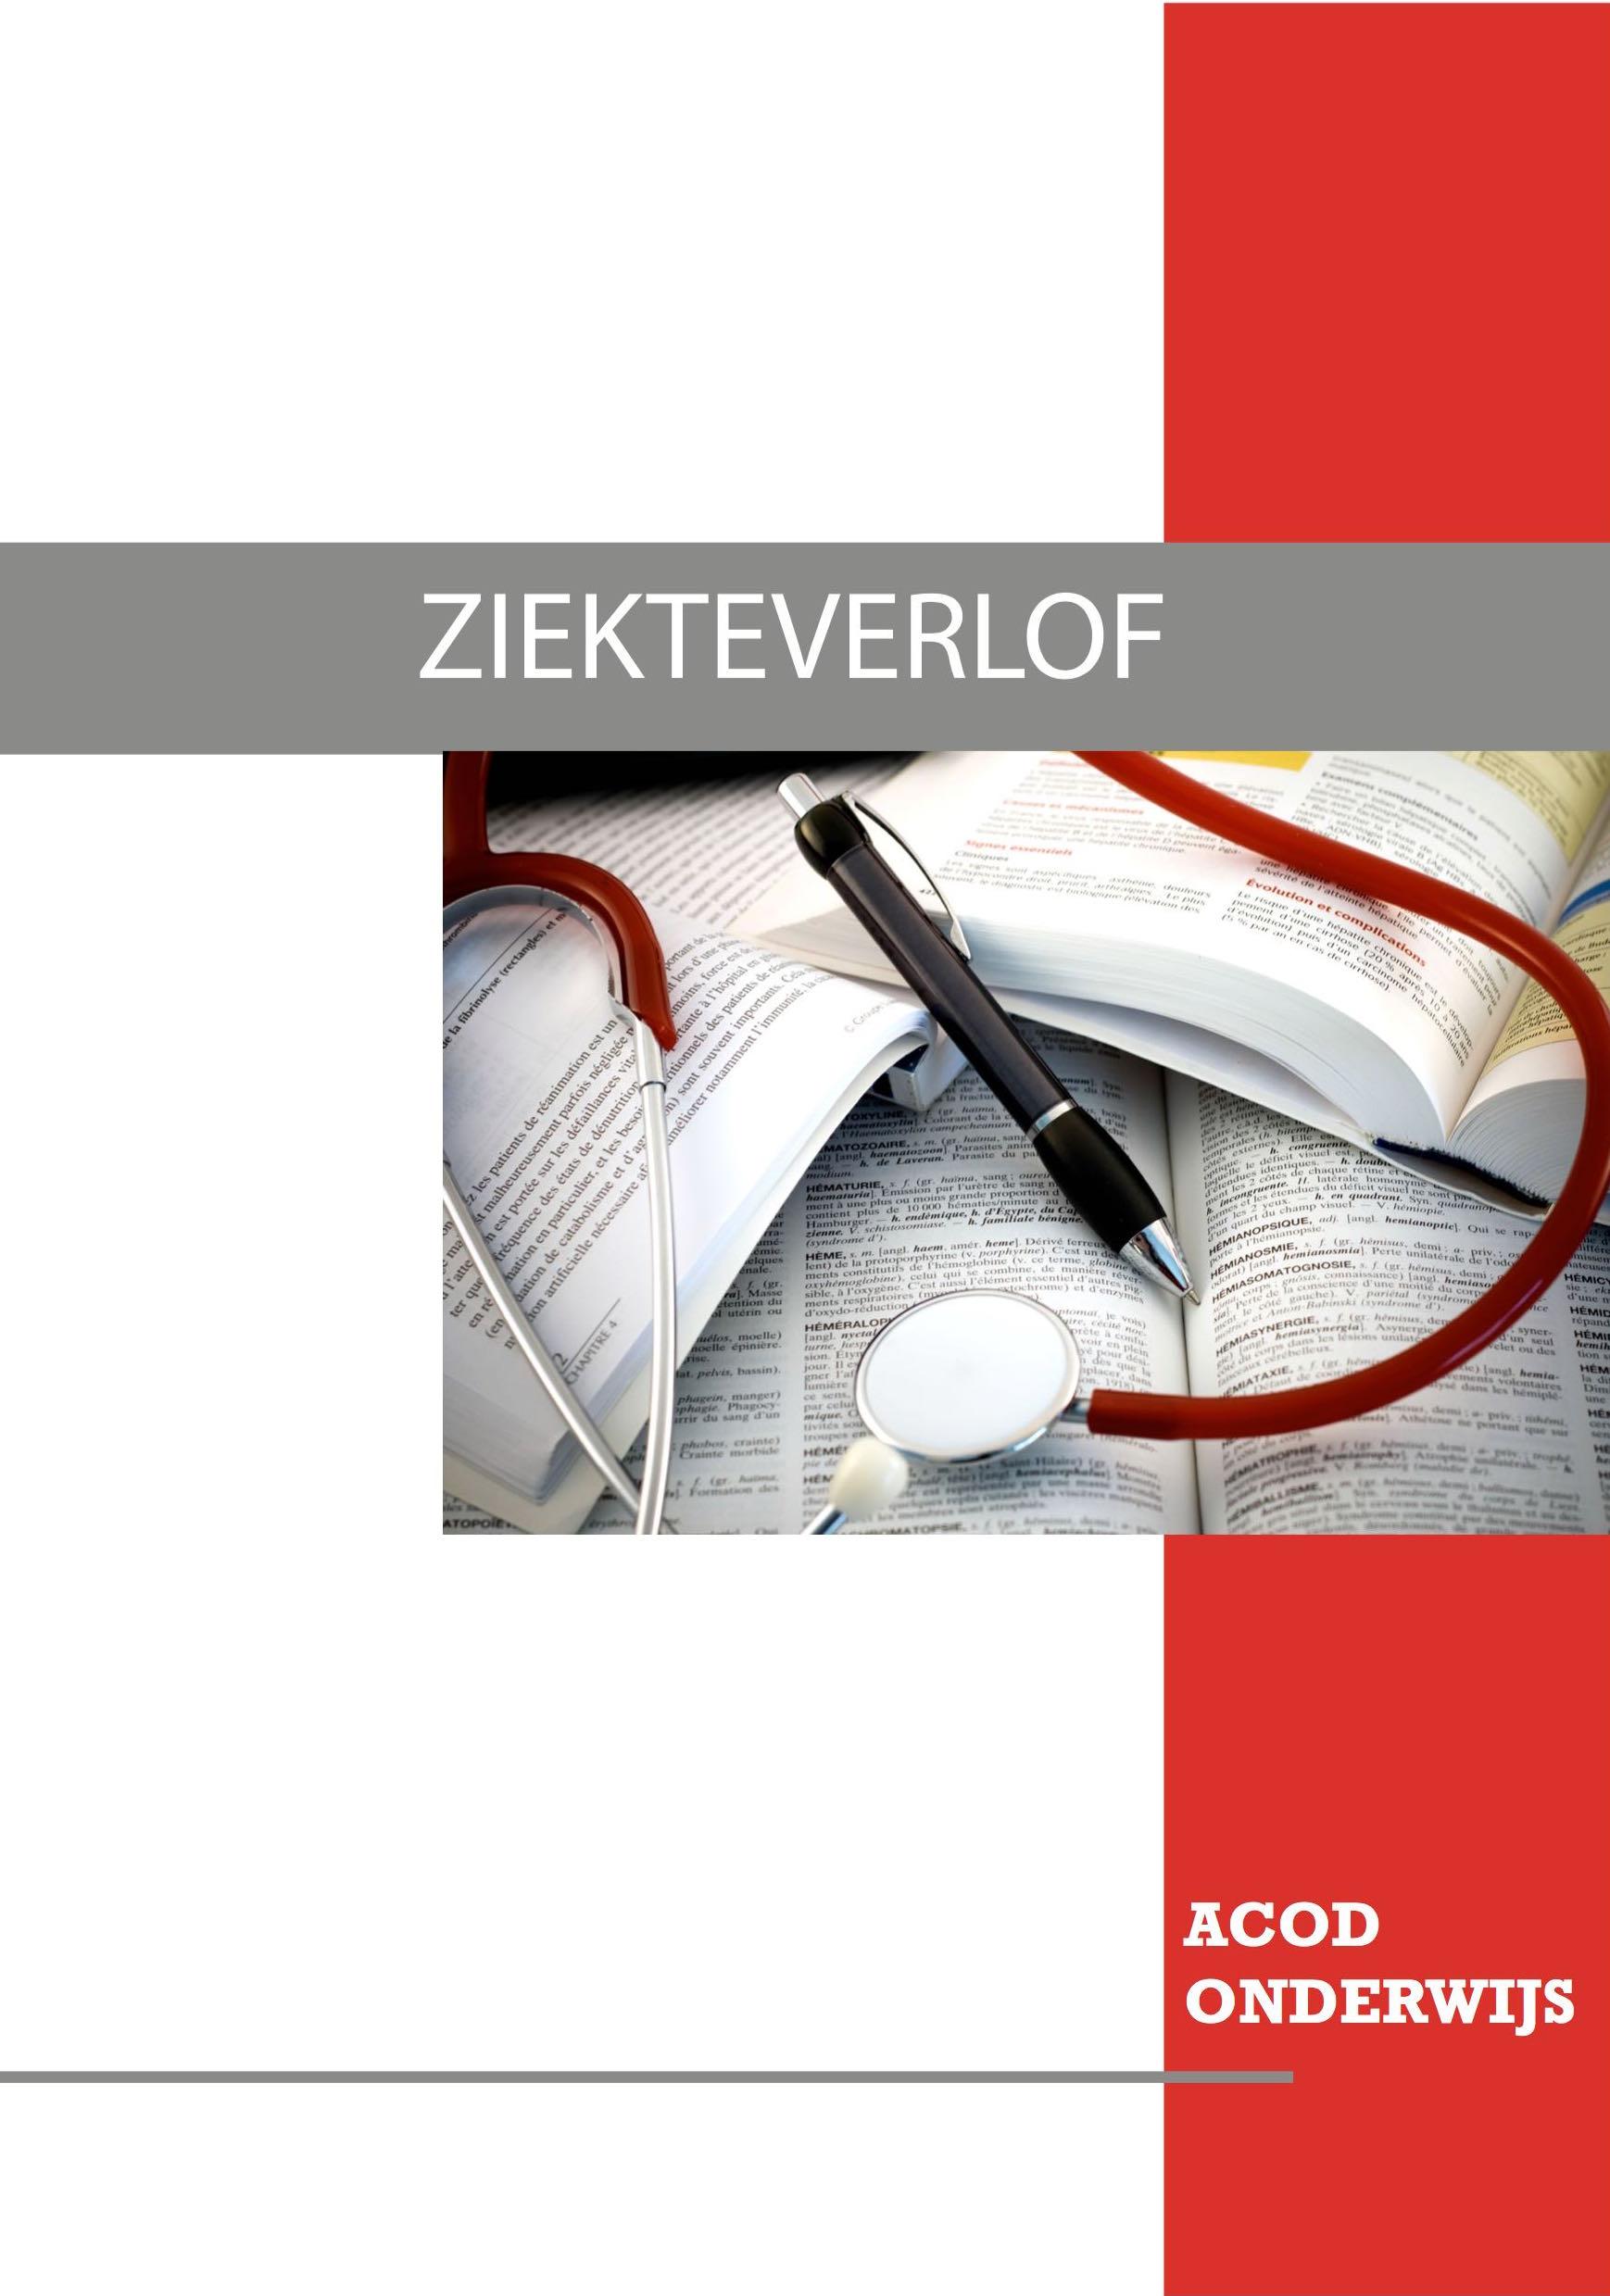 Brochure Ziekteverlof - voorpagina (light)